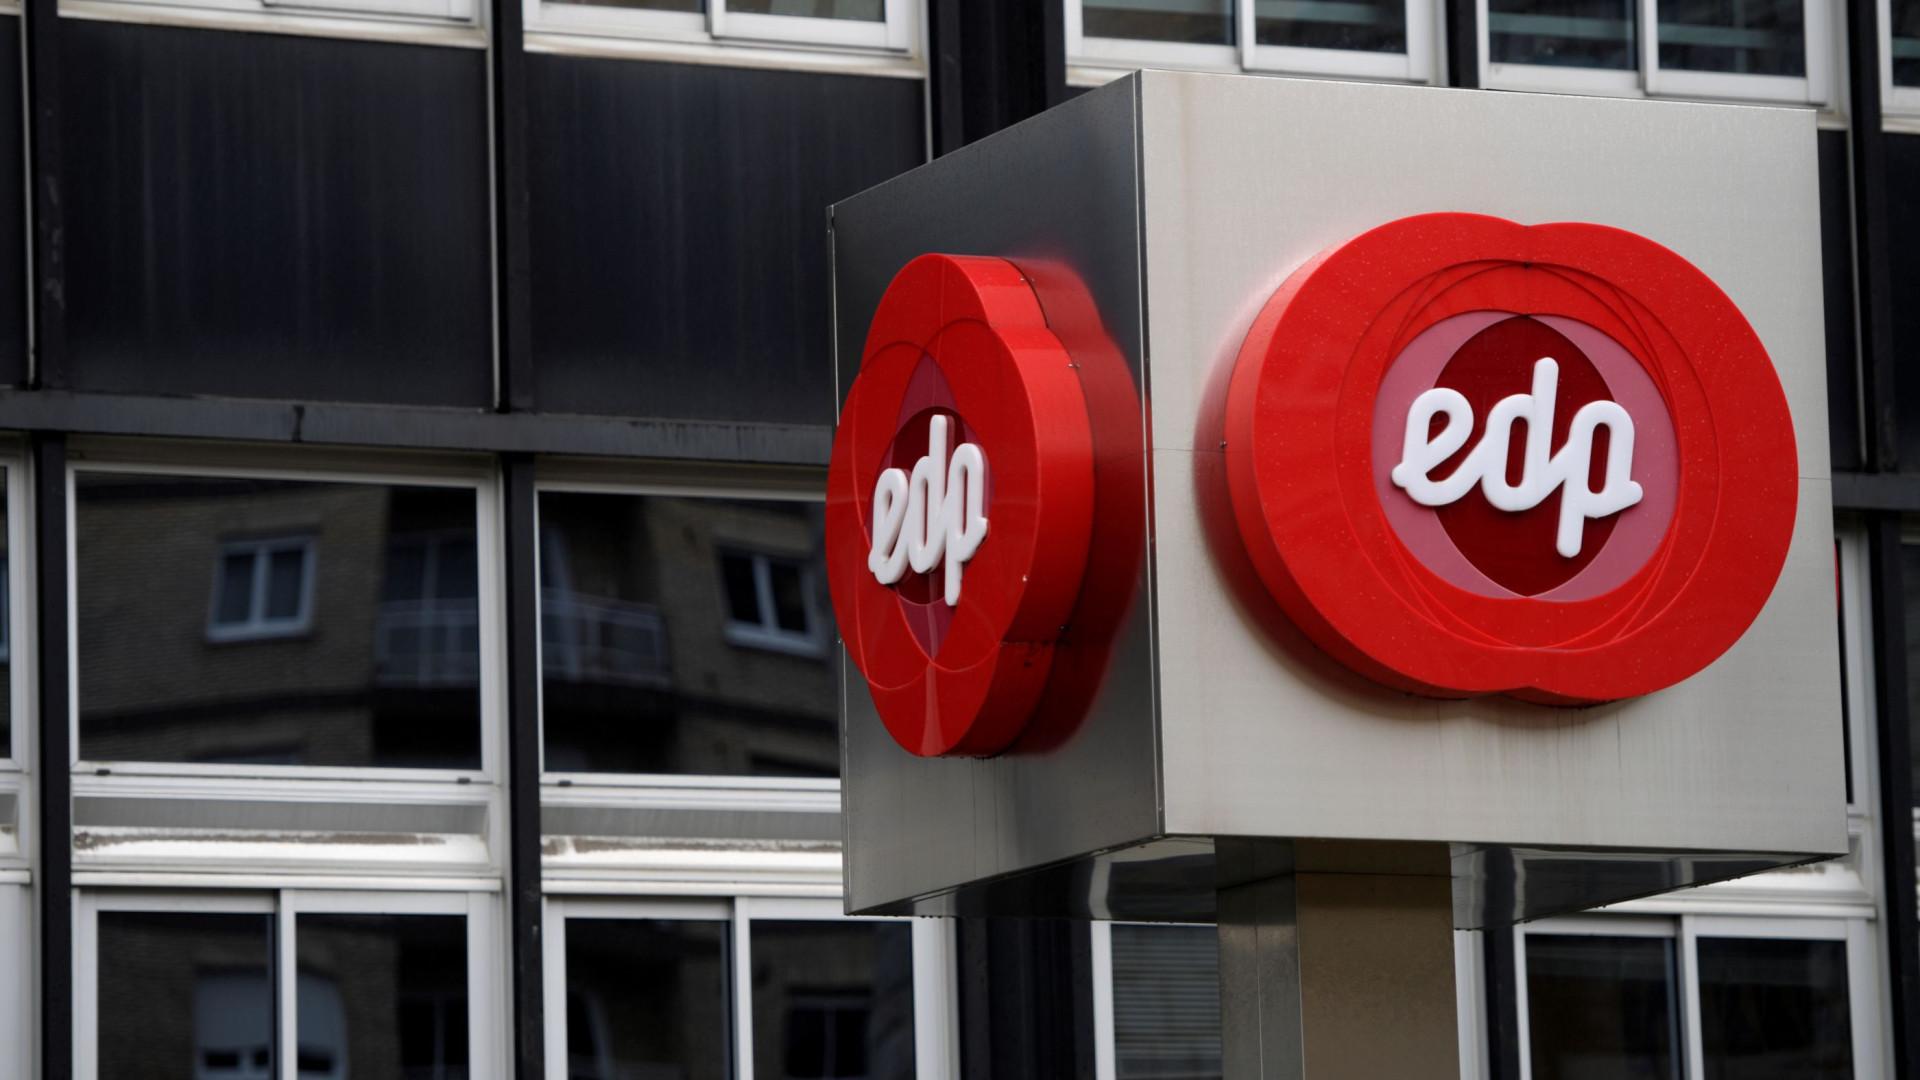 Autoridade da Concorrência notificada sobre compra da EDP Bioeléctrica